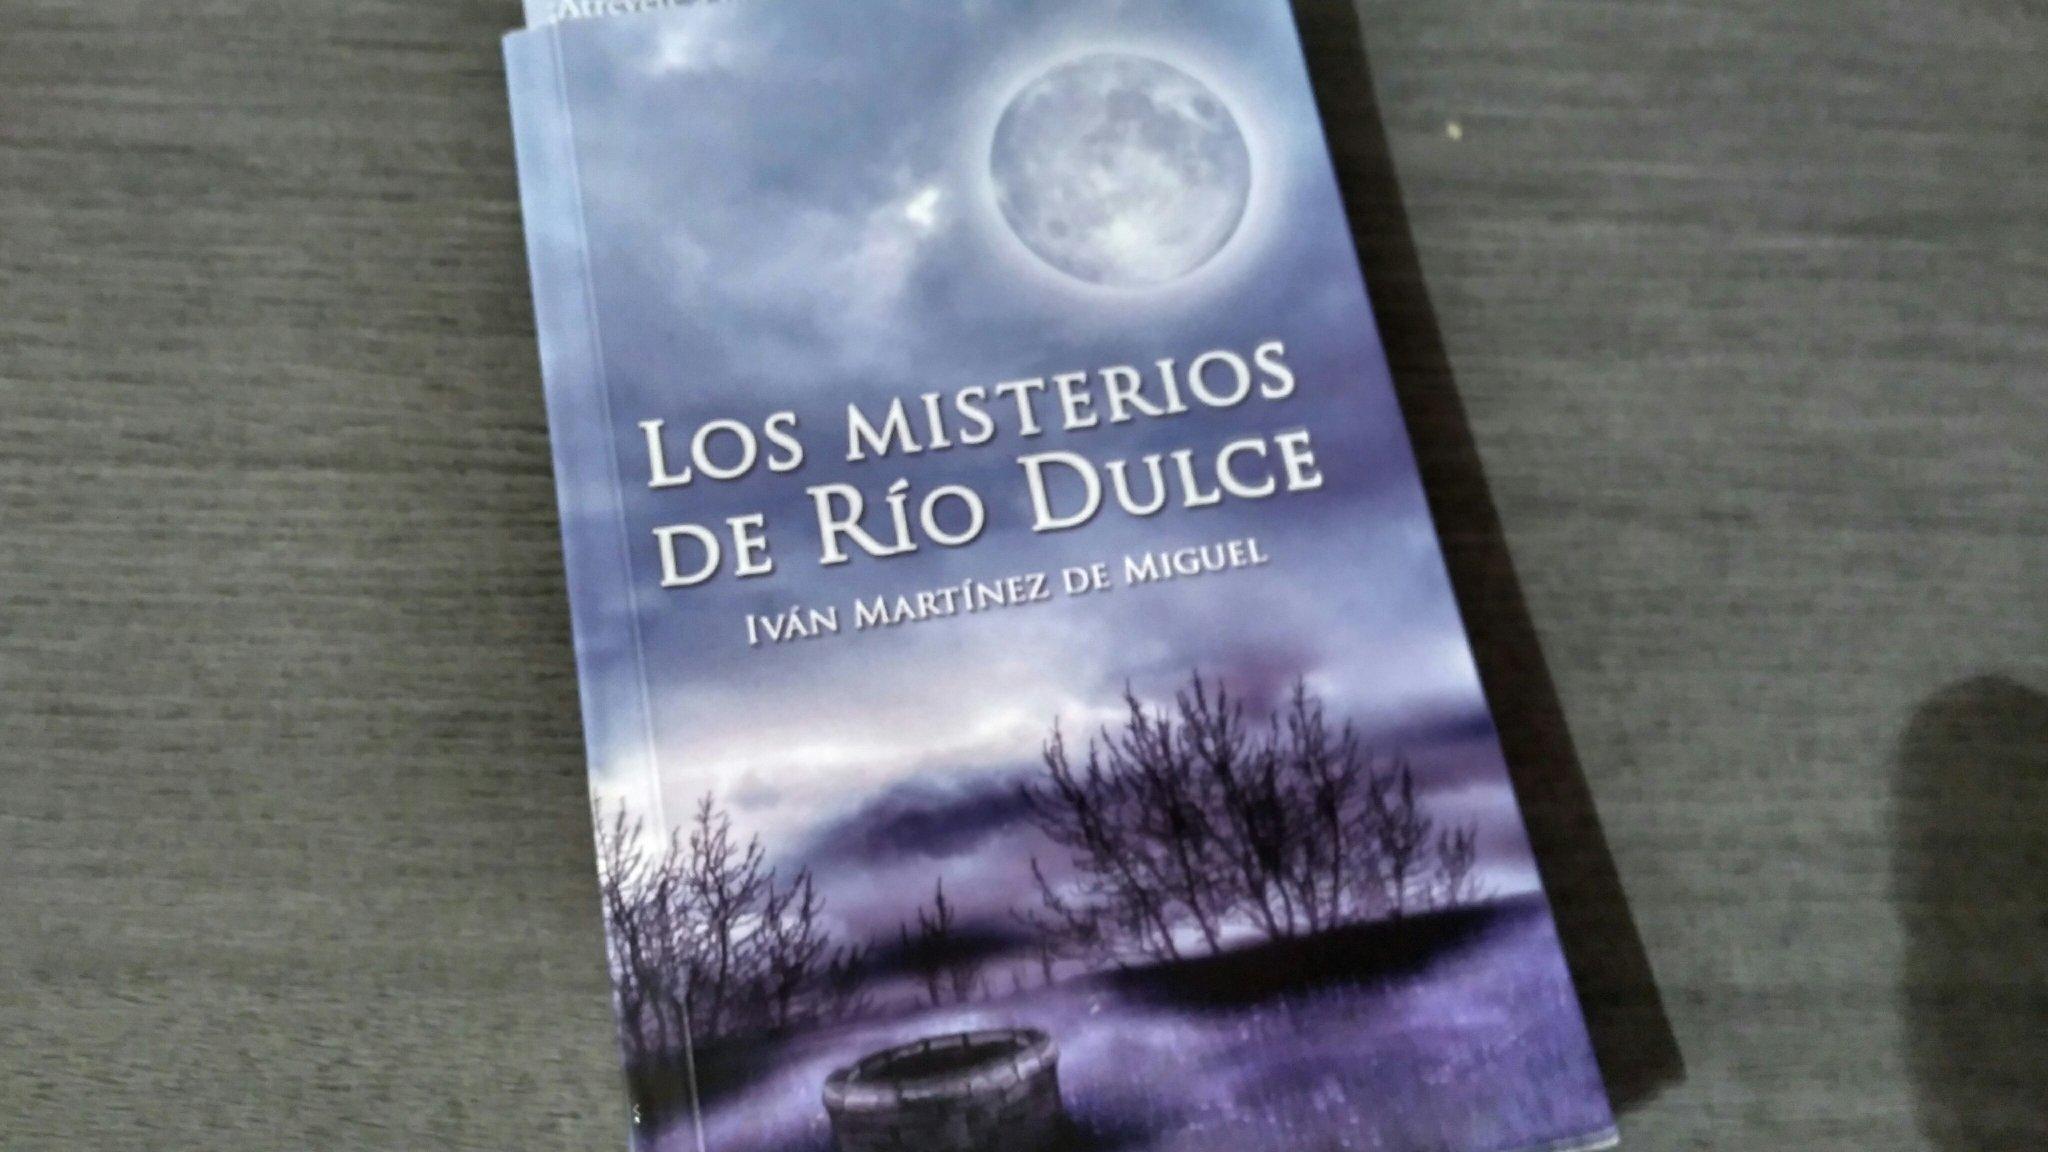 Entrevista a Iván Martínez de Miguel por su libro «Los Misterios de Río Dulce»